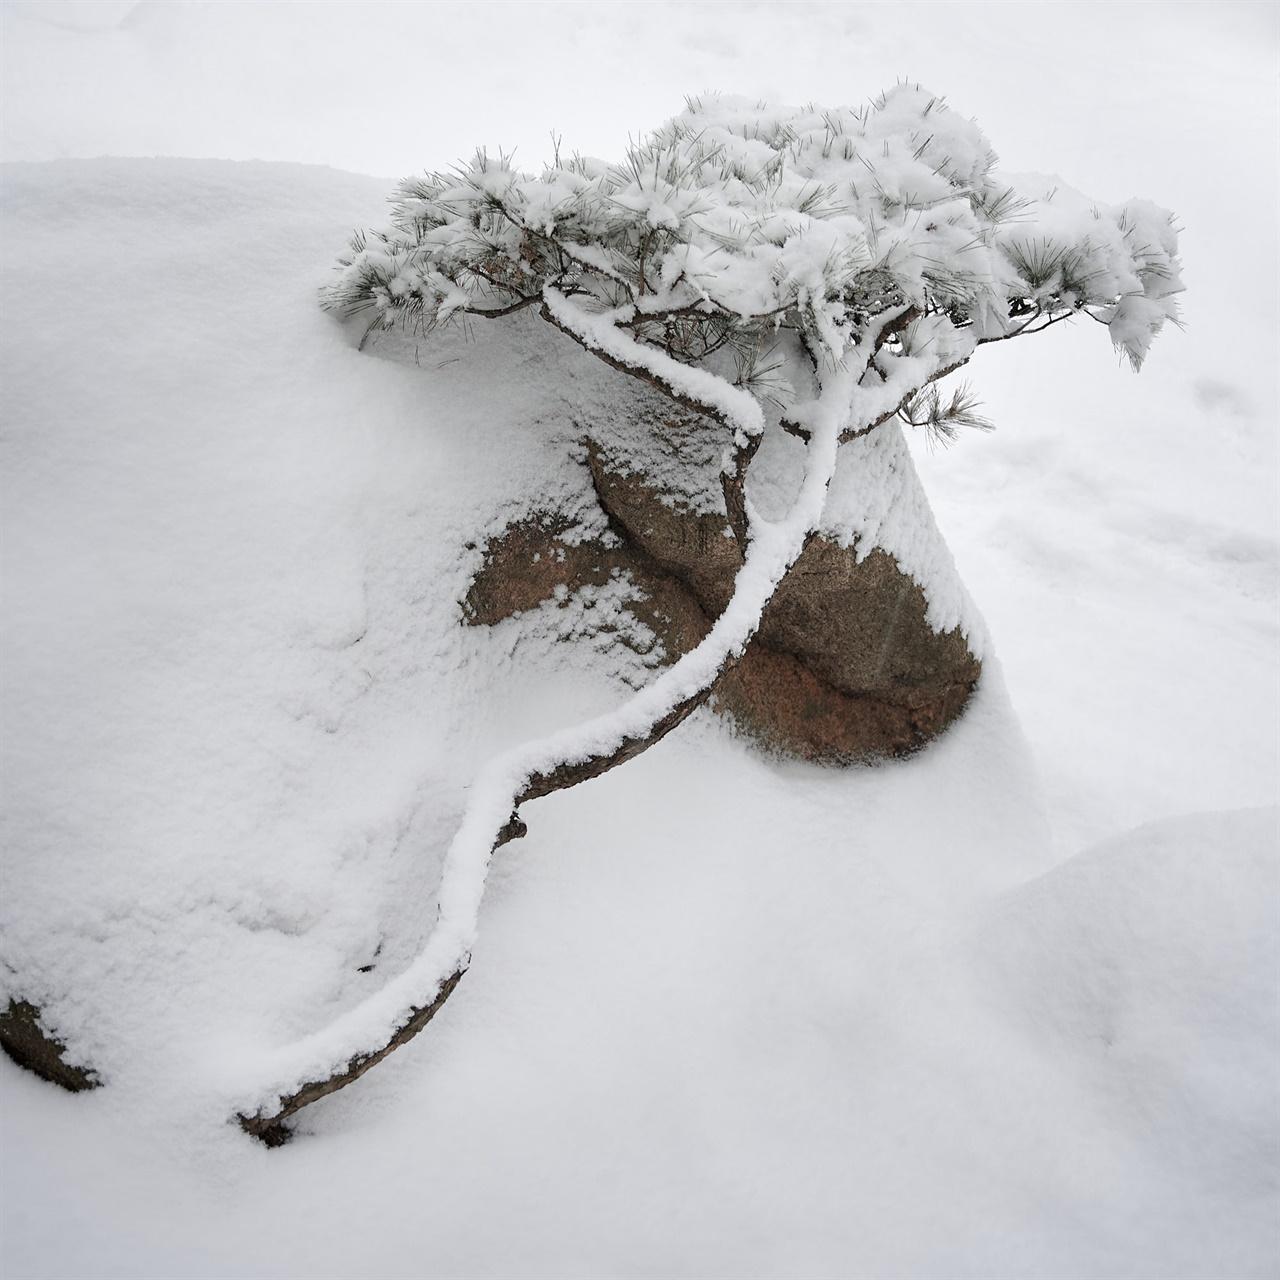 """이 나무와, 함께 있는 바위 사이 어떤 협상이 오갔는지 상상해본다. """"네가 바람으로부터 나를 막아준다면, 나는 눈을 피할 수 있게 해줄게... 하지만 내가 아주 크고 넓은 소나무가 되면 말이지."""""""